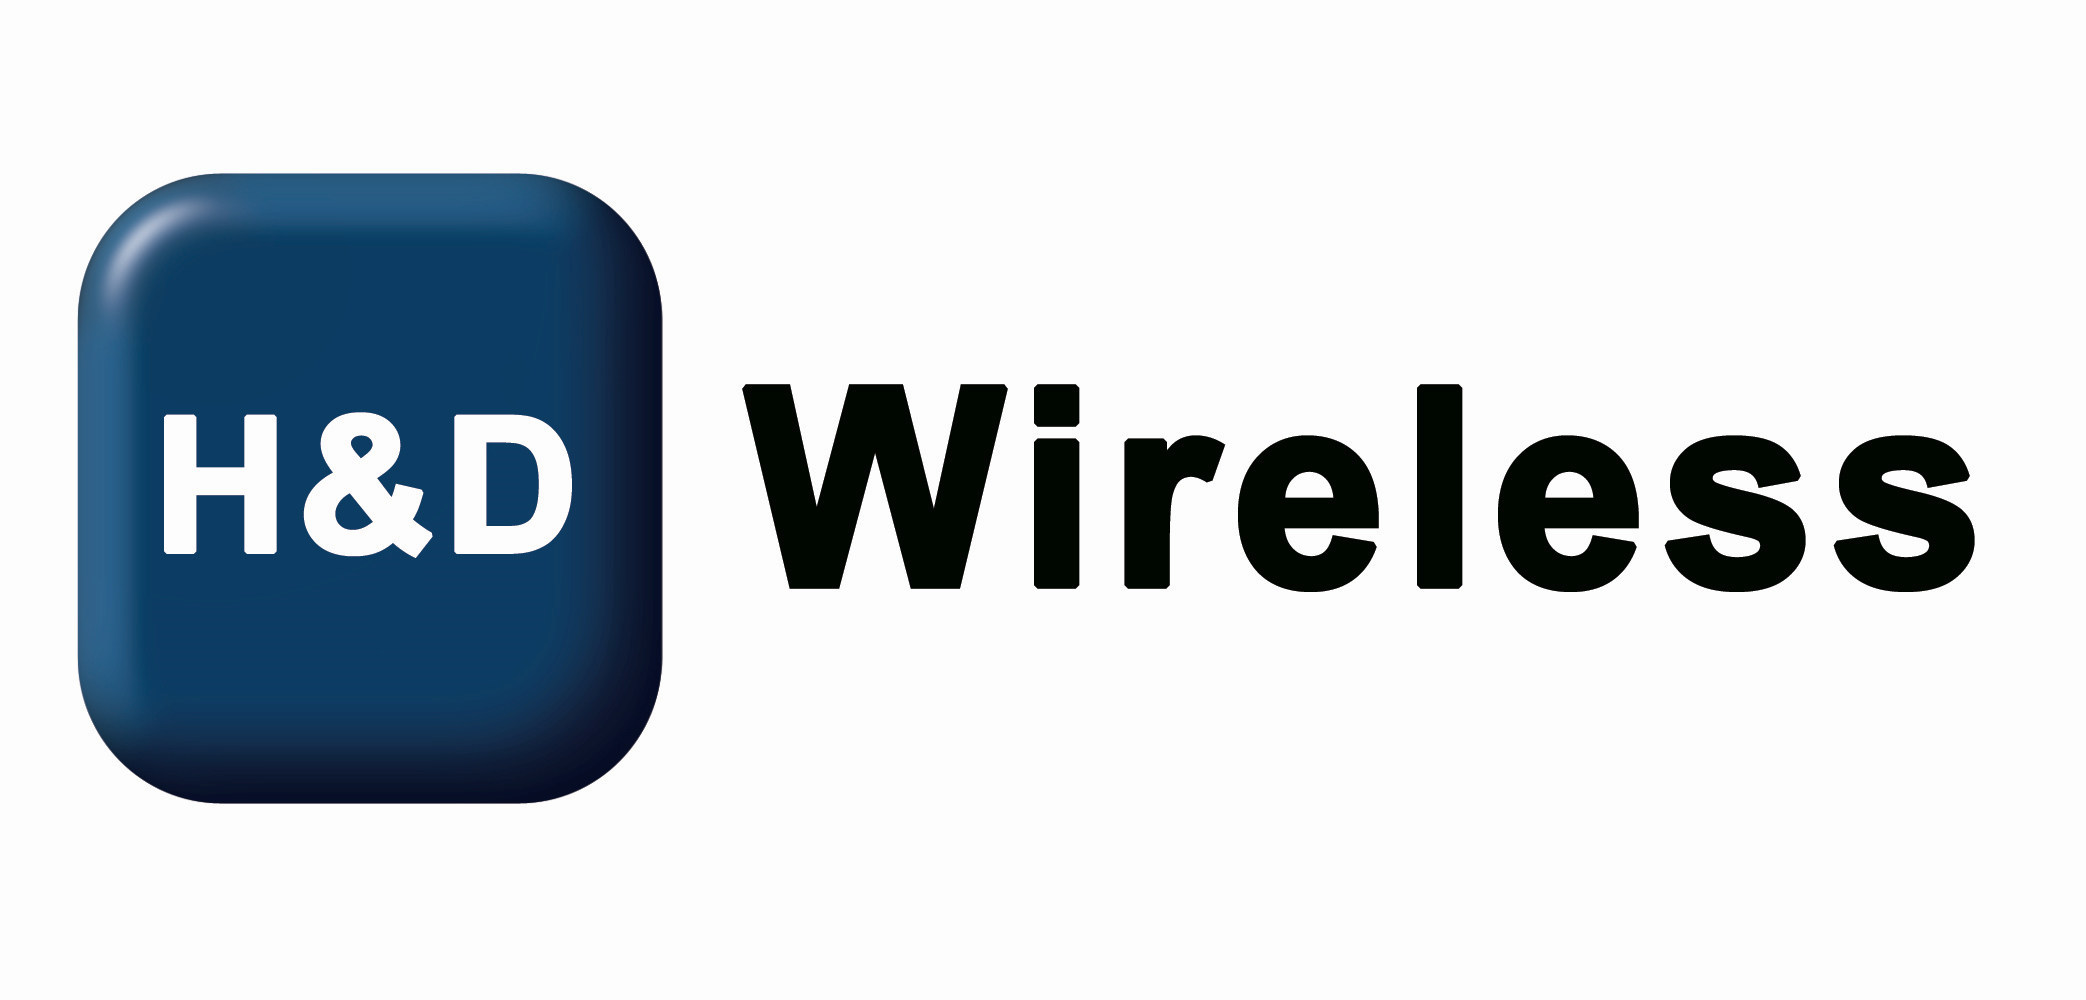 H&D Wireless Logo